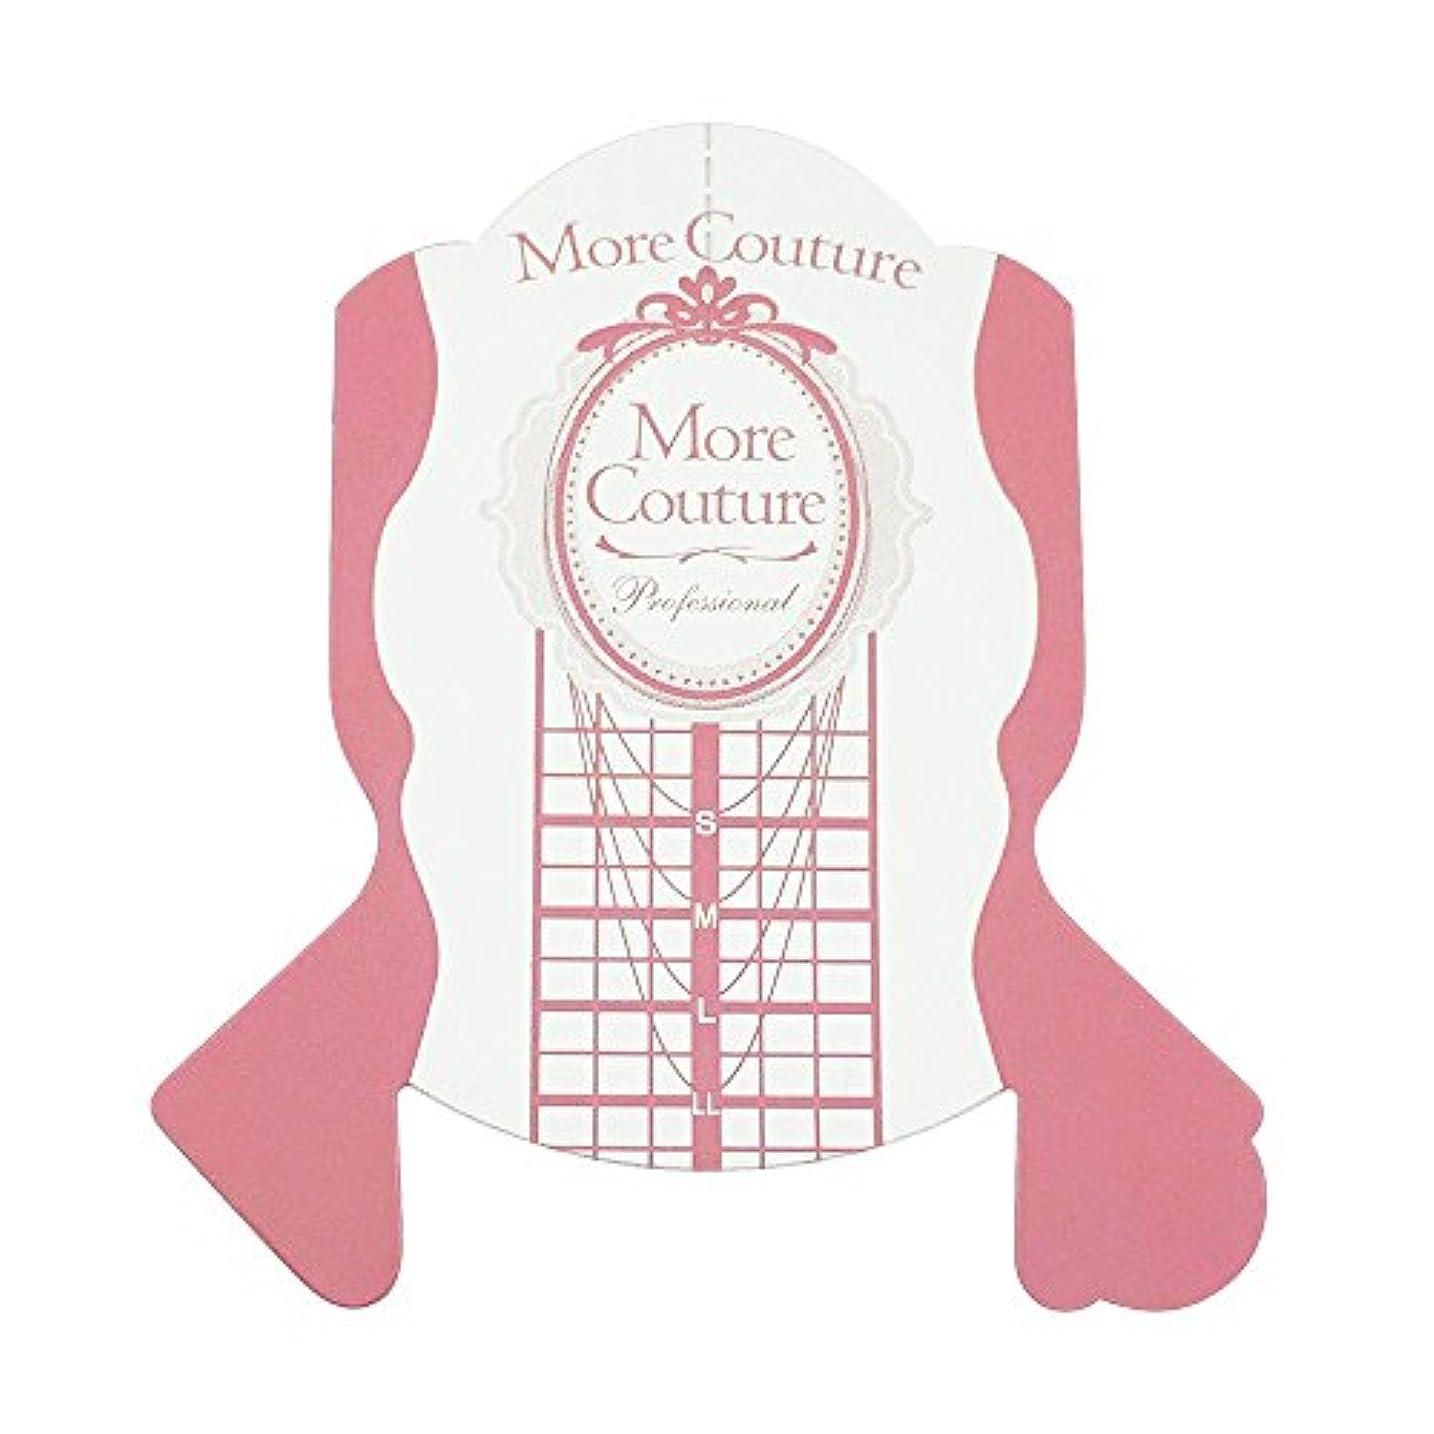 フラッシュのように素早く船尾哲学的More Couture p ピンクフォーム 100枚 ネイルフォーム